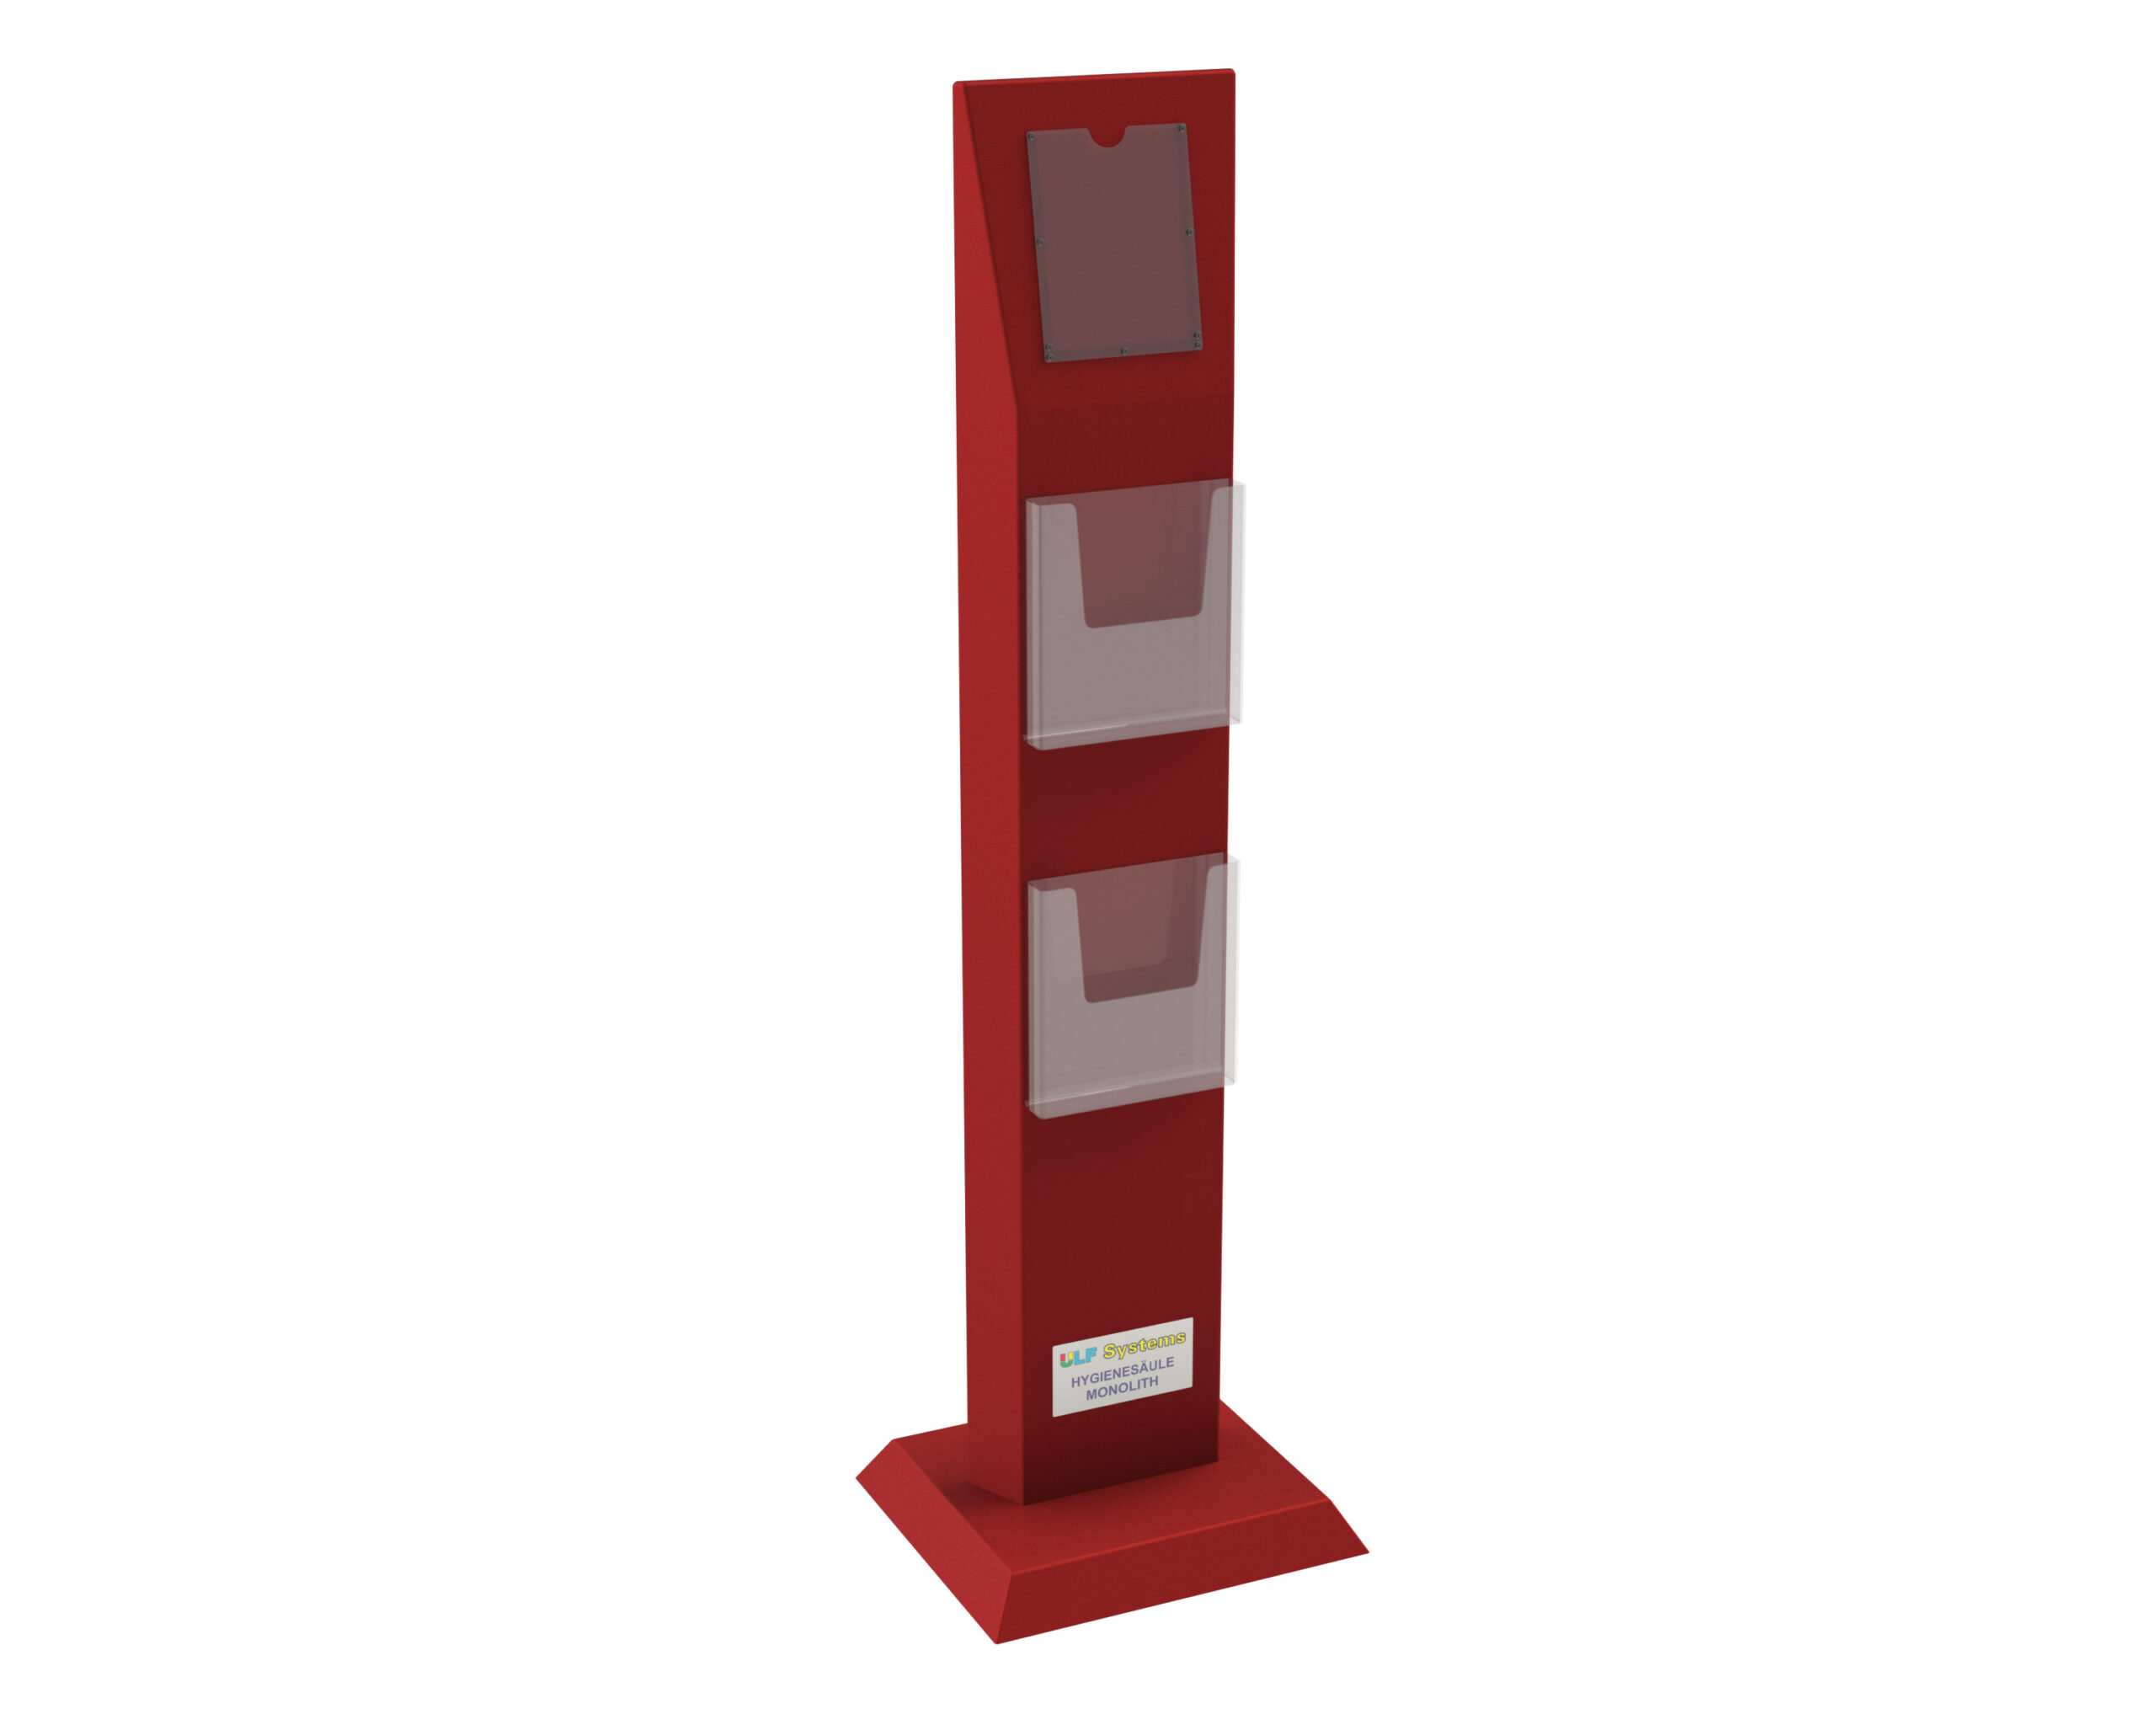 Hygienesaeule-Monolith-TRAPEZ-2-Prospekthalter-Vorderseite